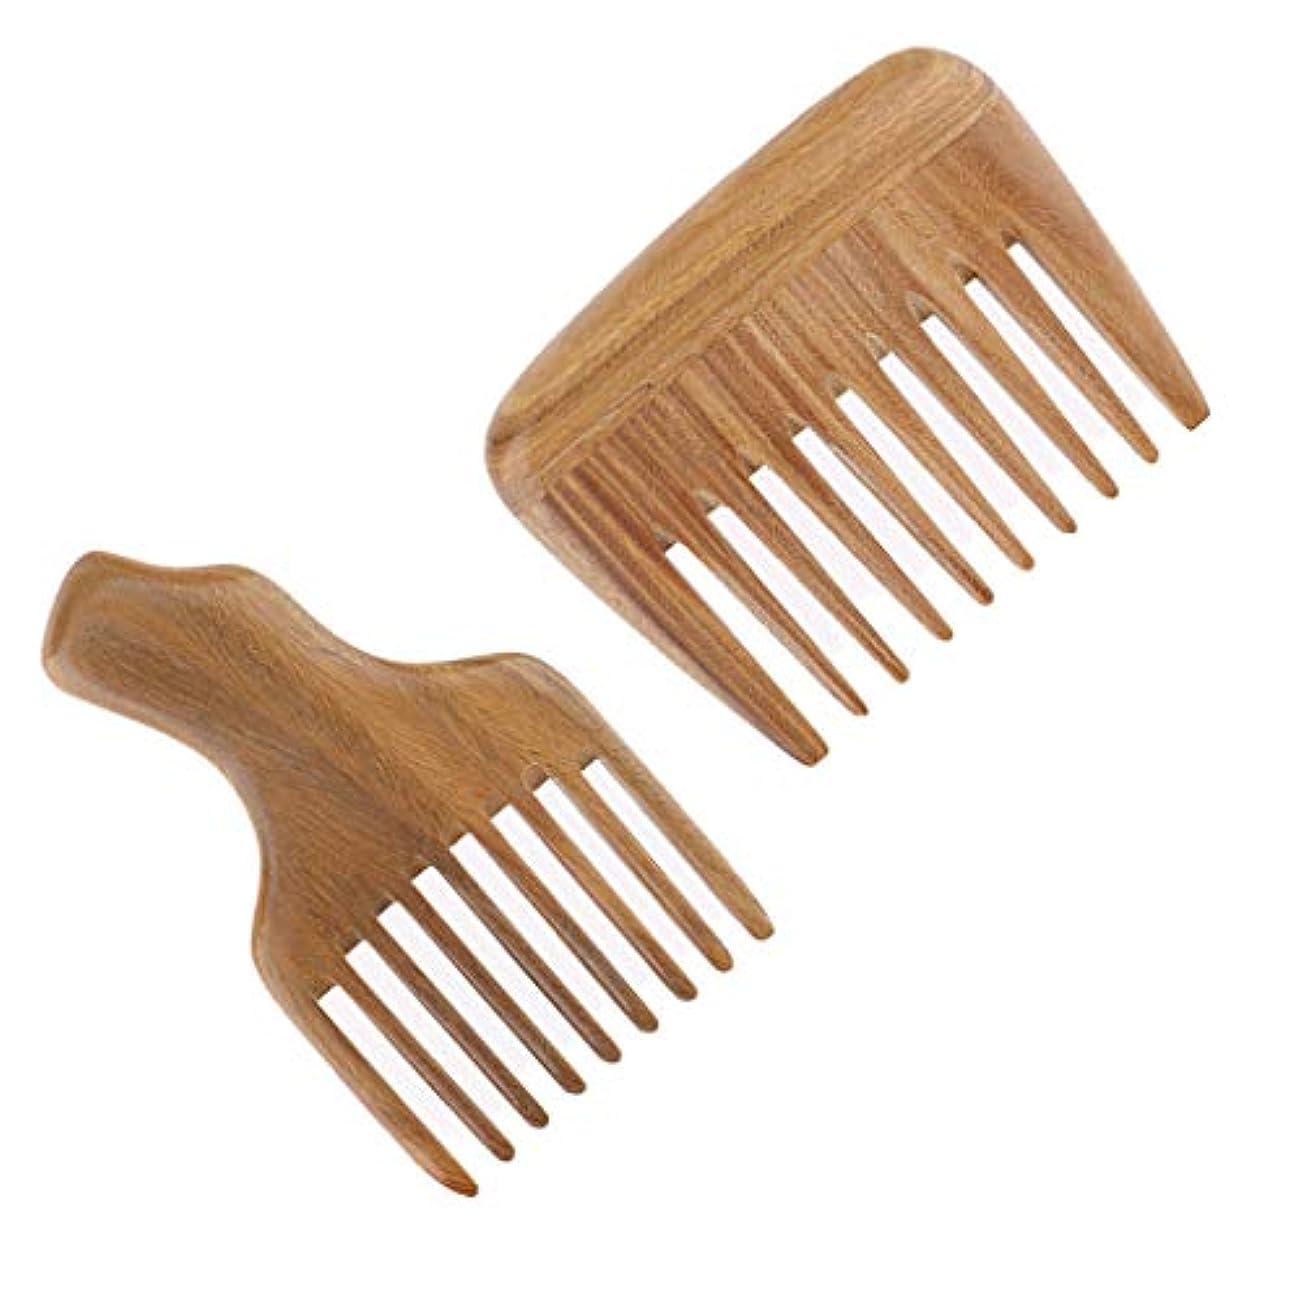 速度スツール賞木製コーム ヘアブラシ ヘアコーム 粗い櫛 ユニセックス 理髪店 サロン アクセサリー 2個入り